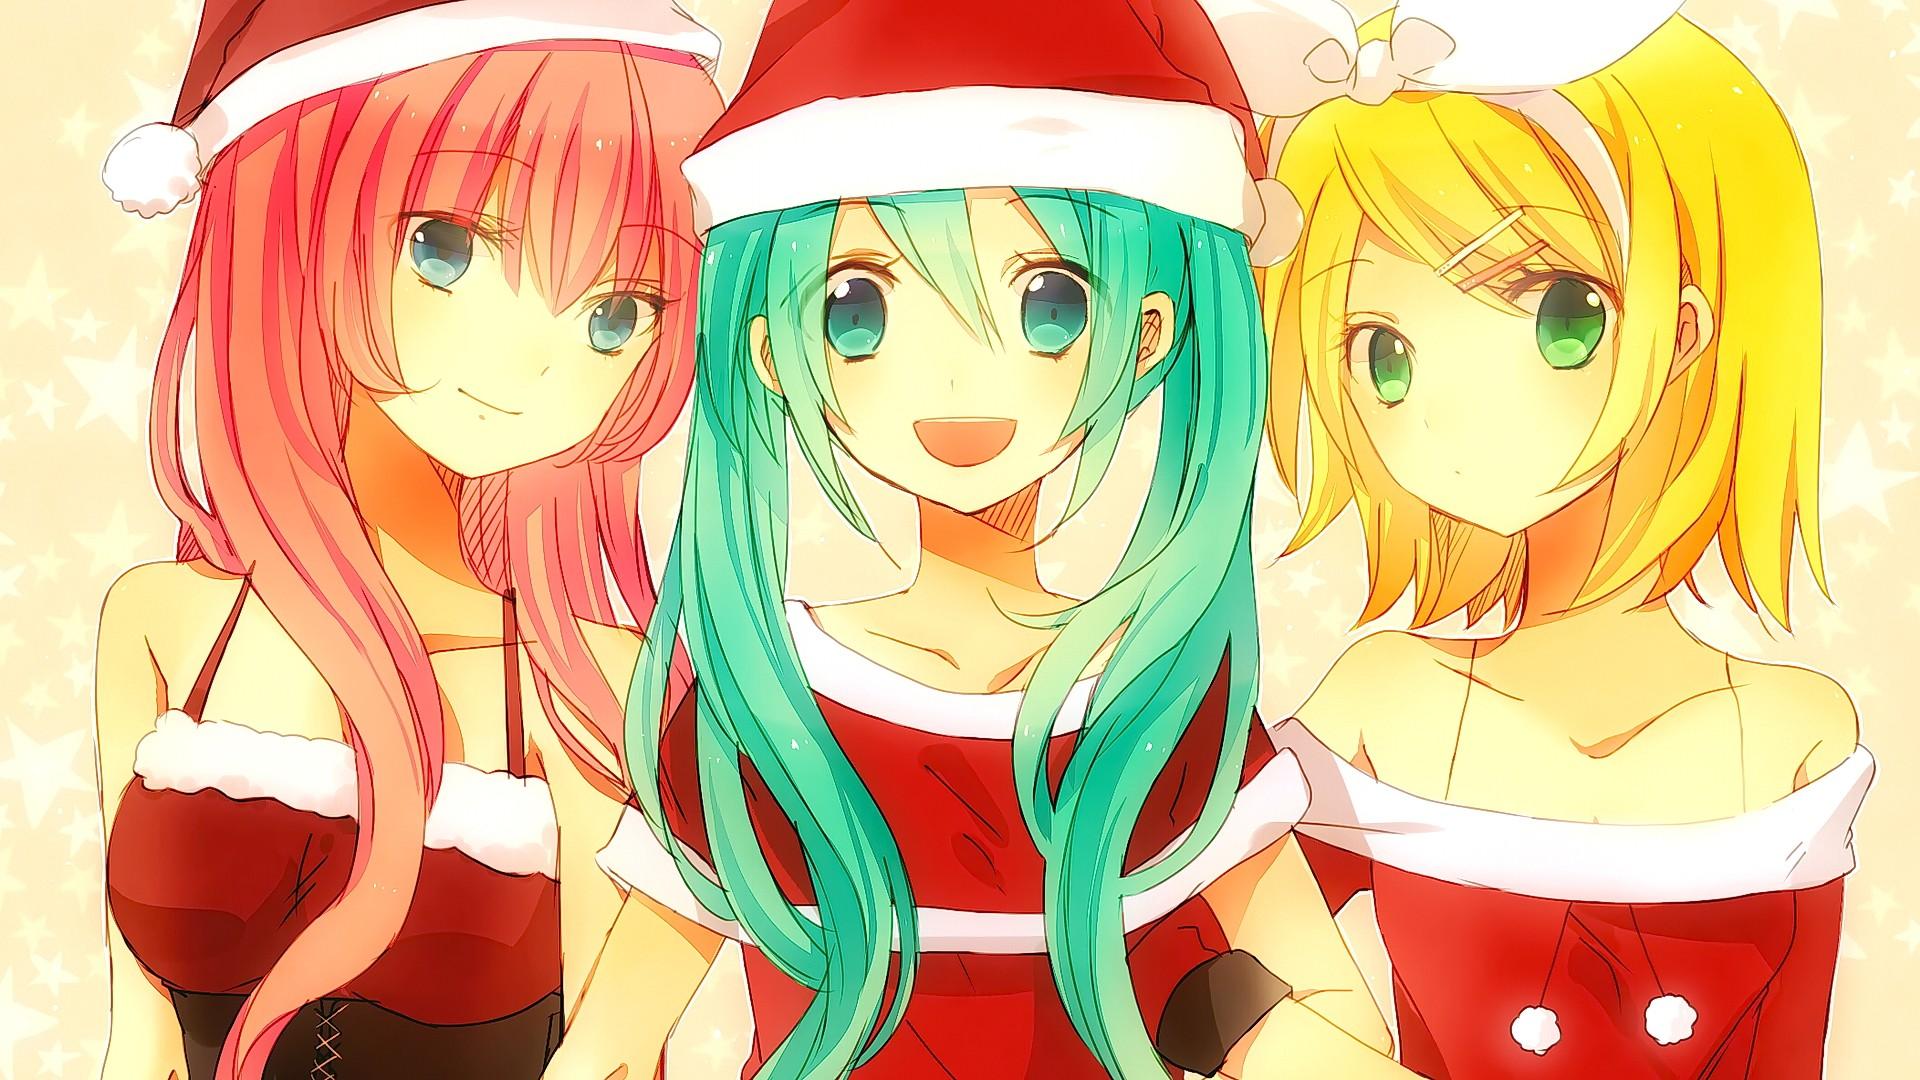 Wallpaper Illustration Blonde Long Hair Anime Girls Blue Eyes